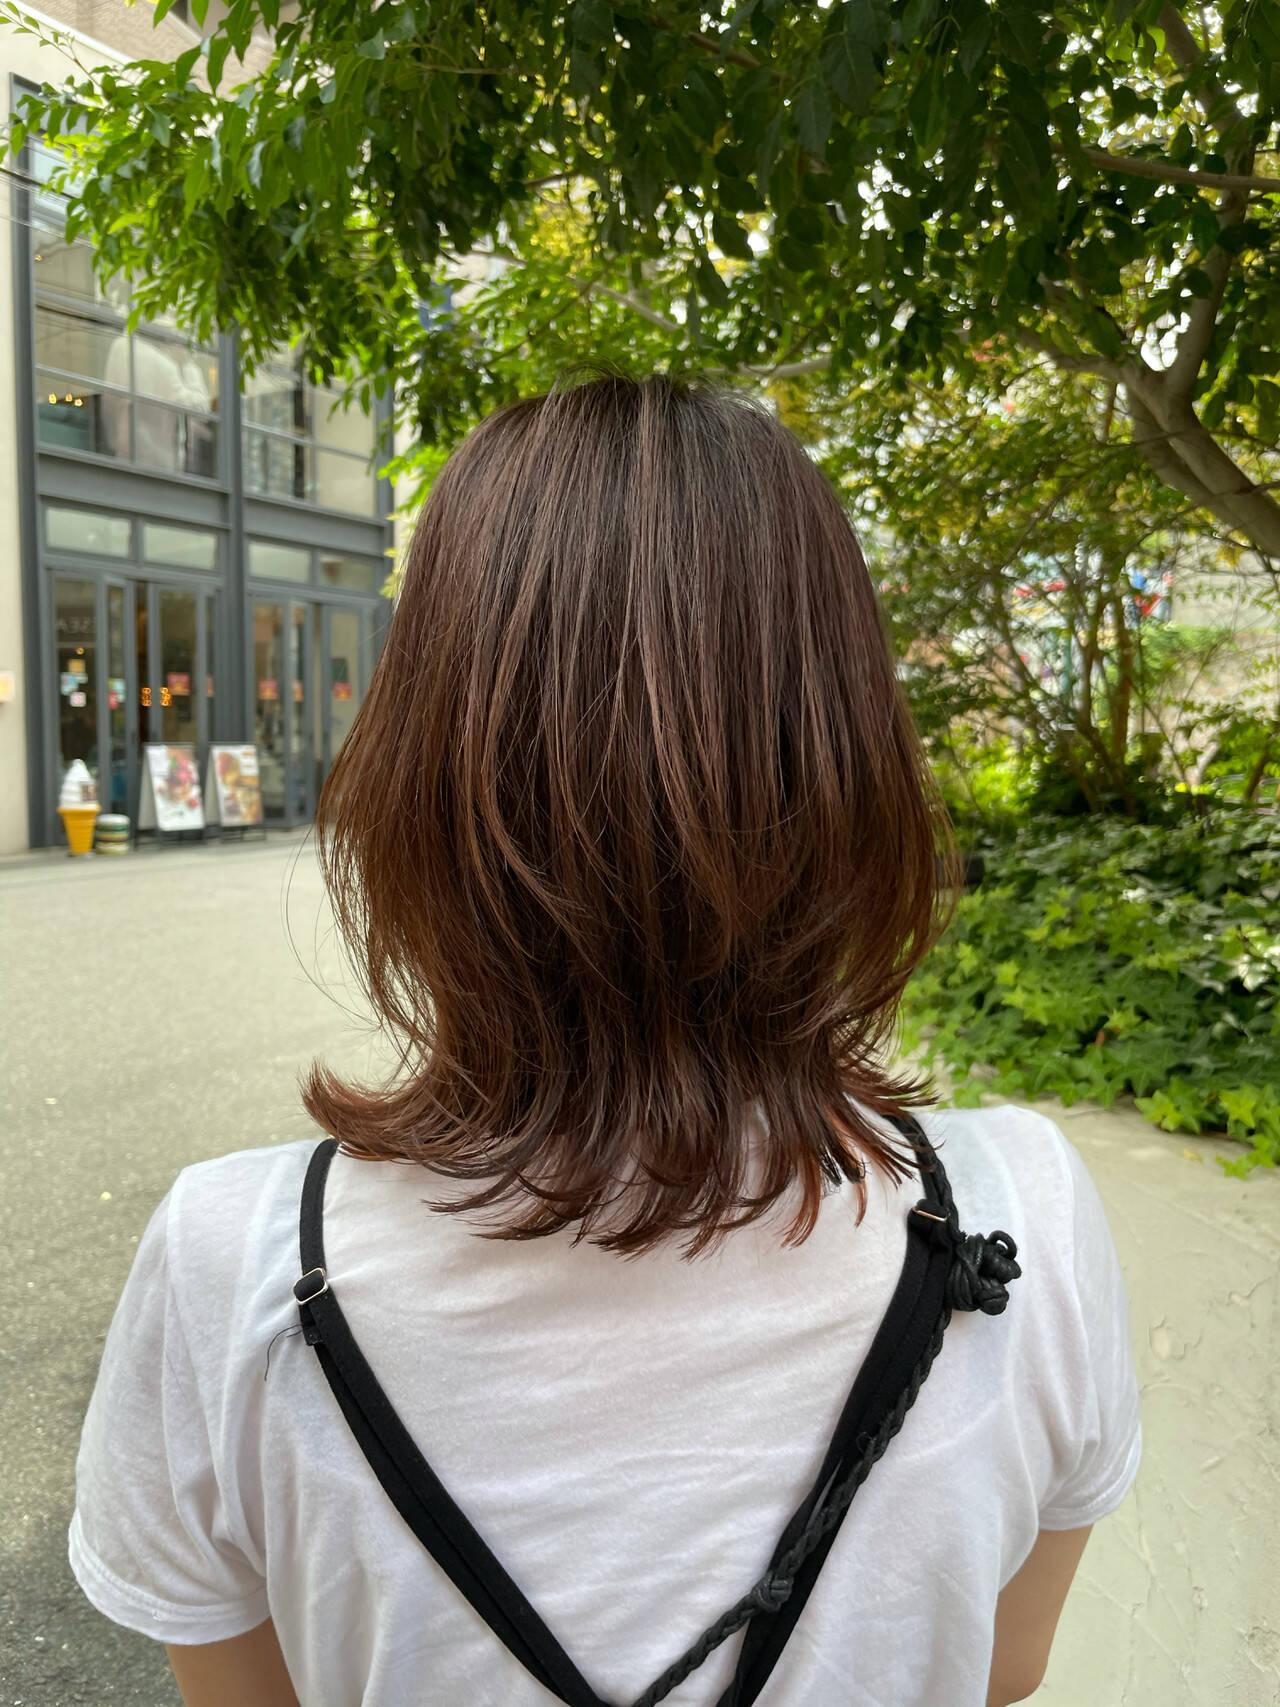 ミディアム ひし形シルエット インナーカラー ミディアムレイヤーヘアスタイルや髪型の写真・画像